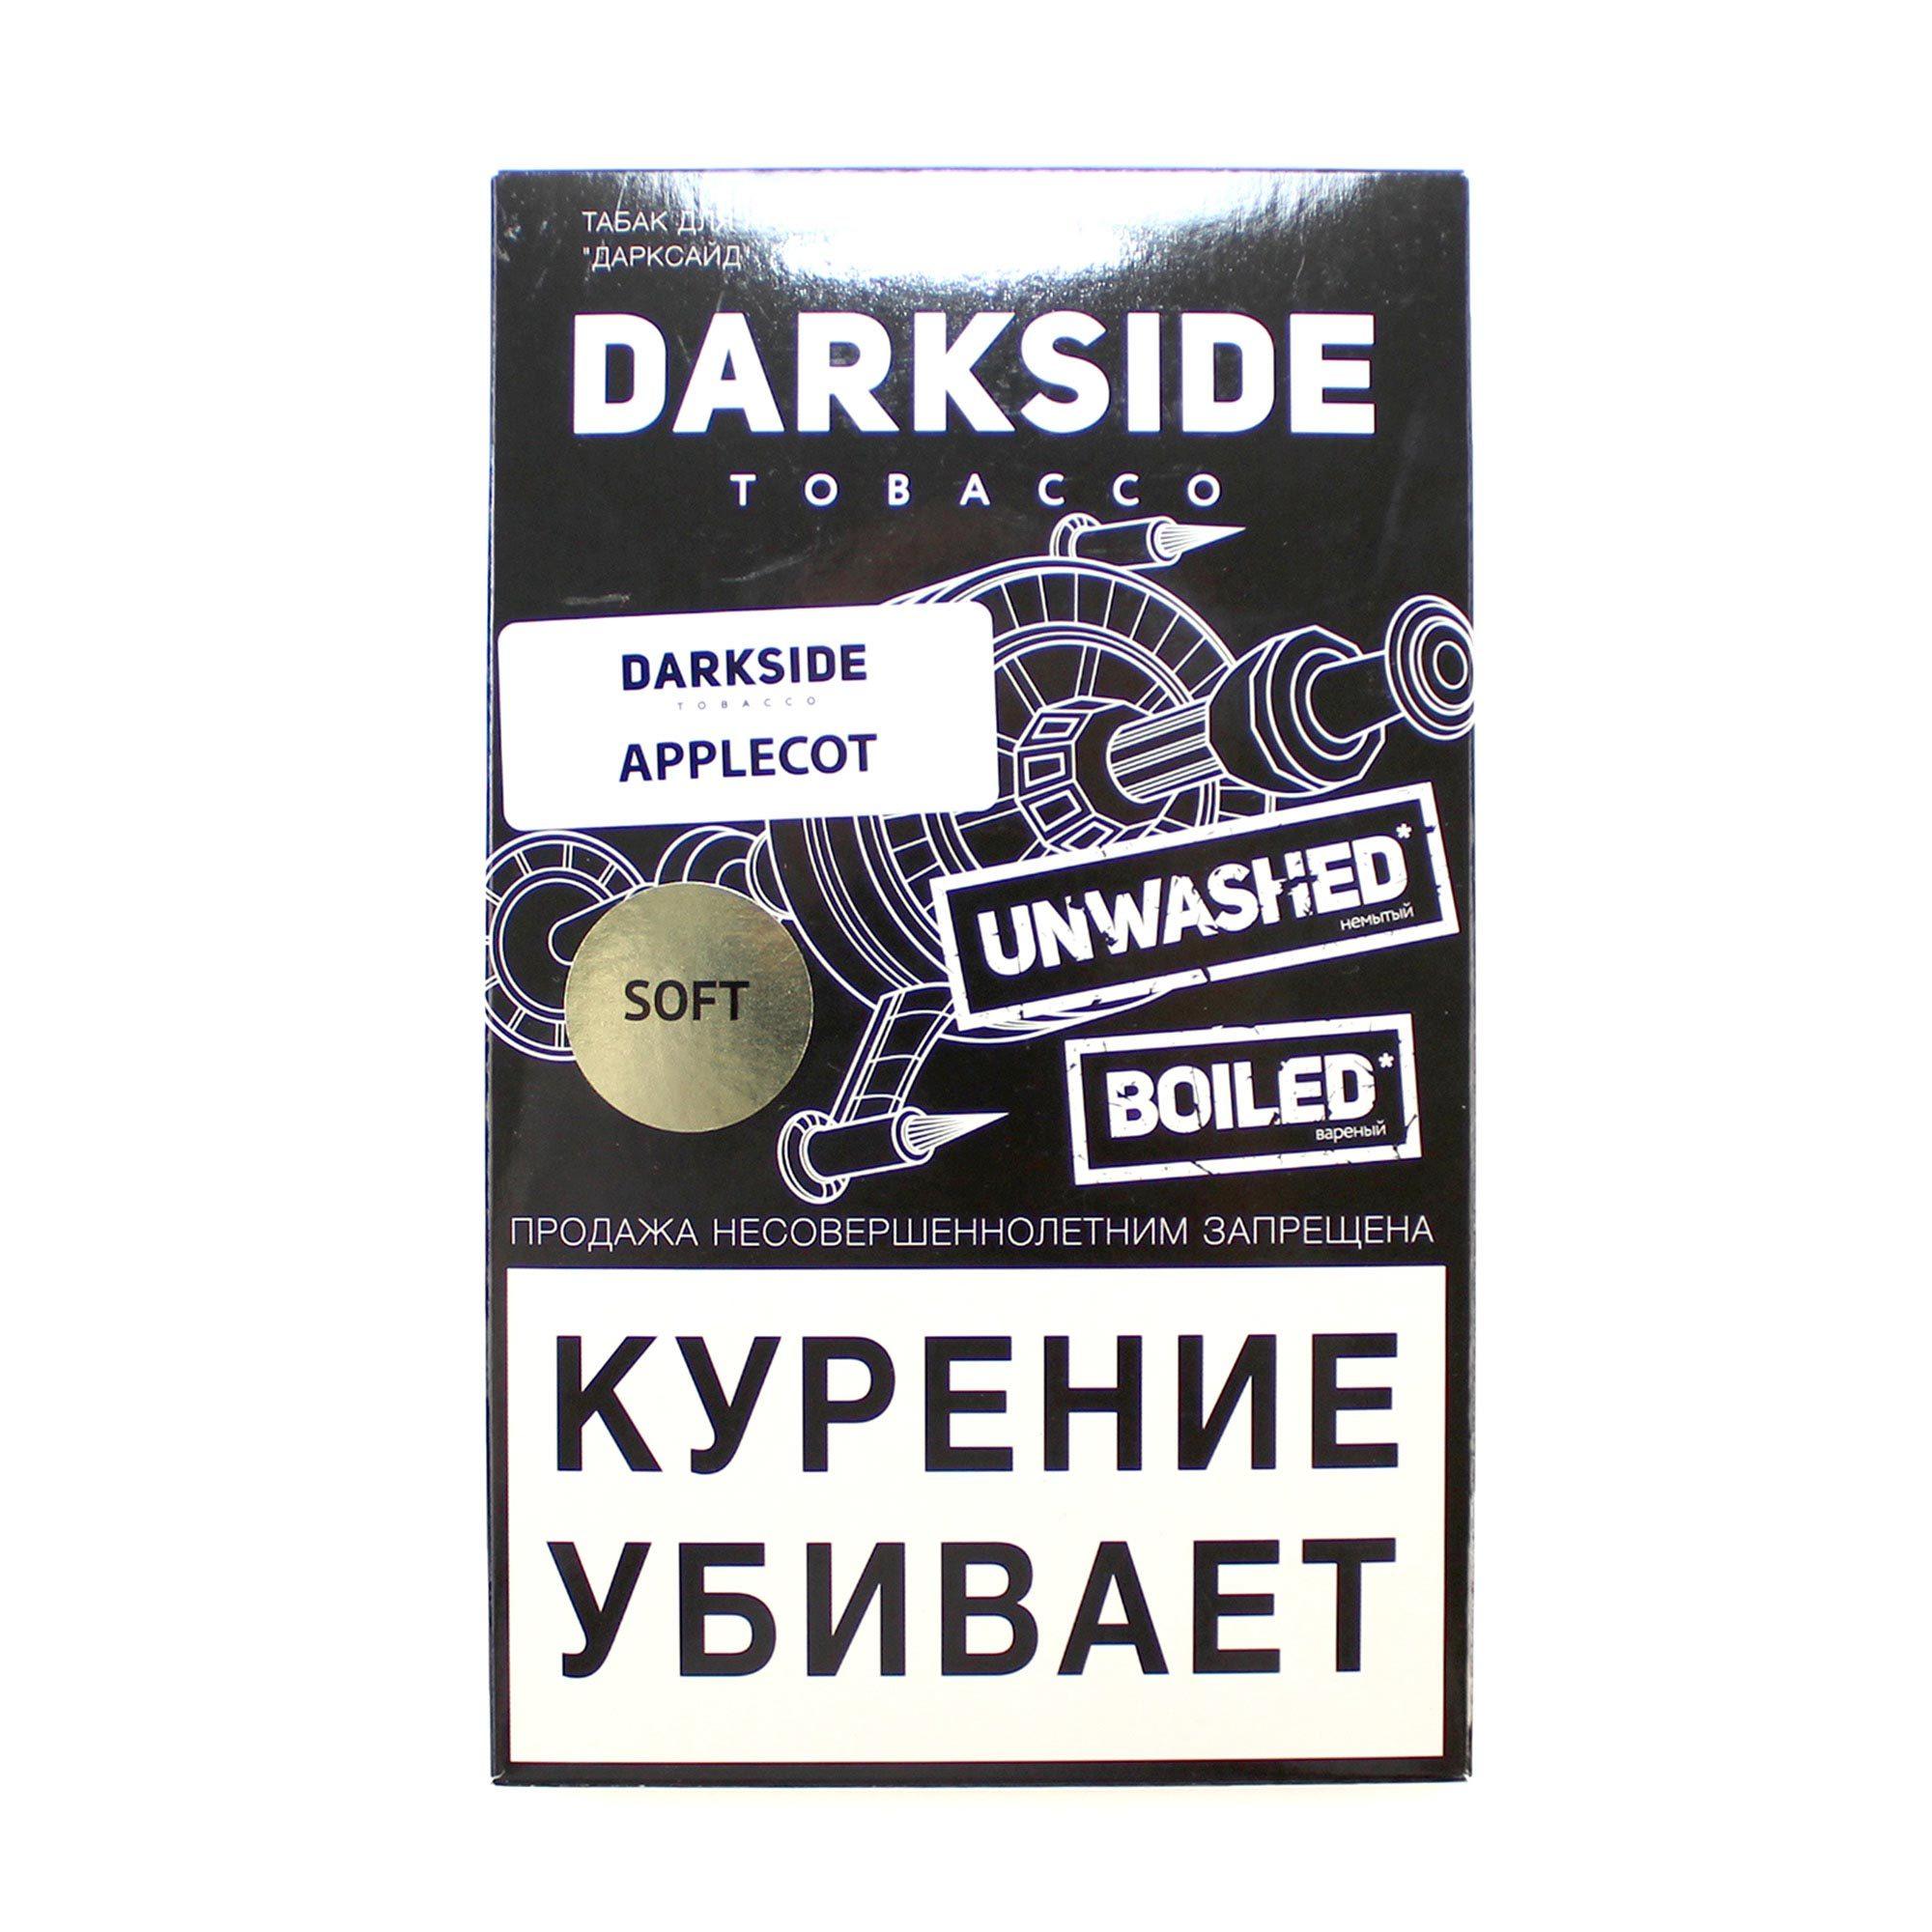 Табак для кальяна Dark Side Soft 100 гр. Applecot